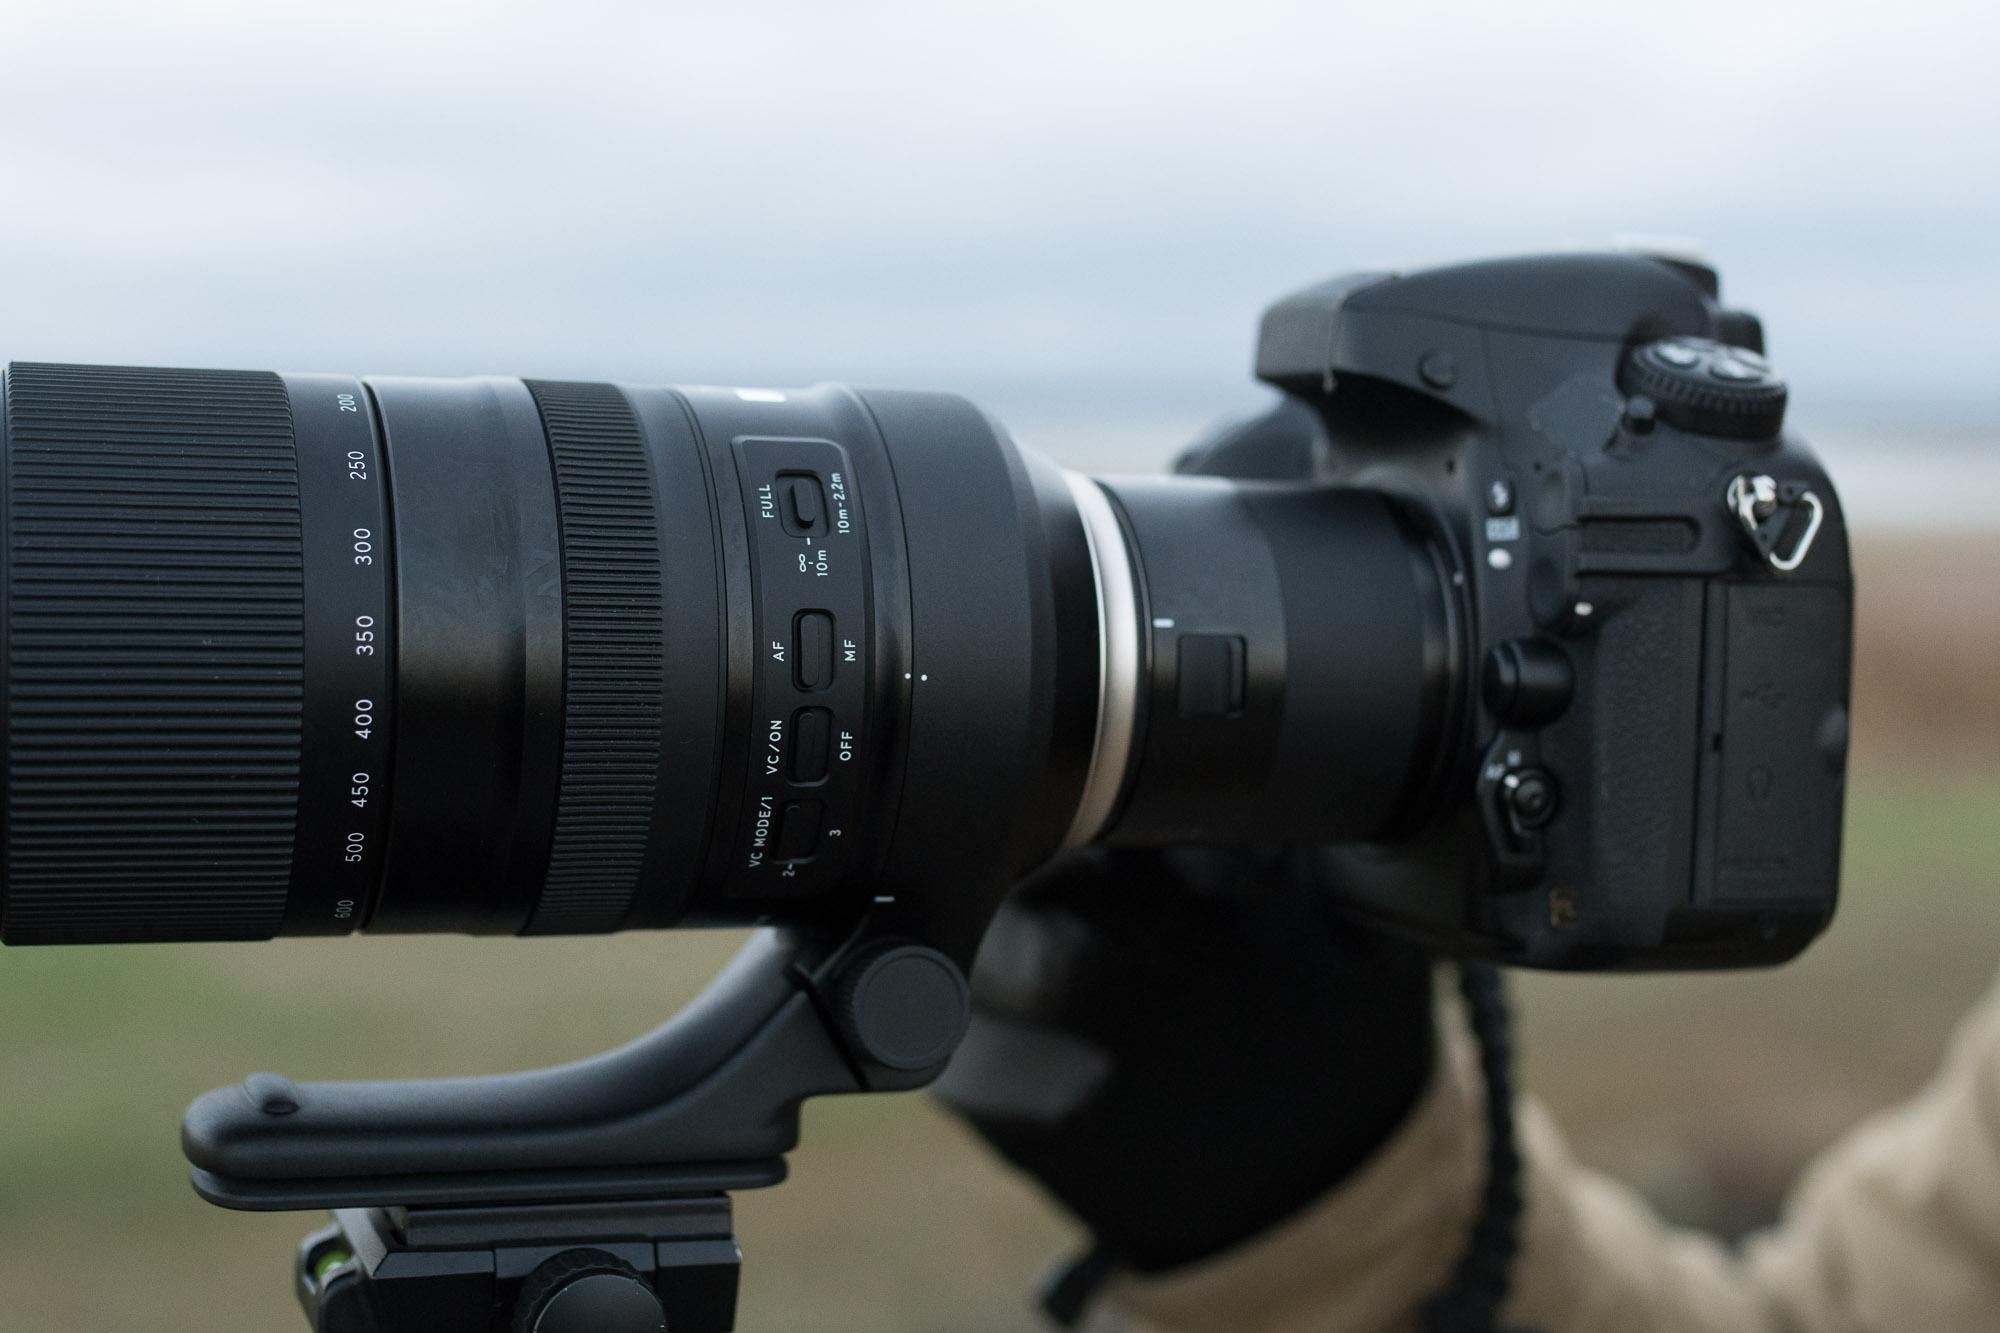 Black Friday Week : le téléobjectif Tamron SP 150-600mm F/5-6.3 Di VC USD G2 passe sous la barre des 1000€